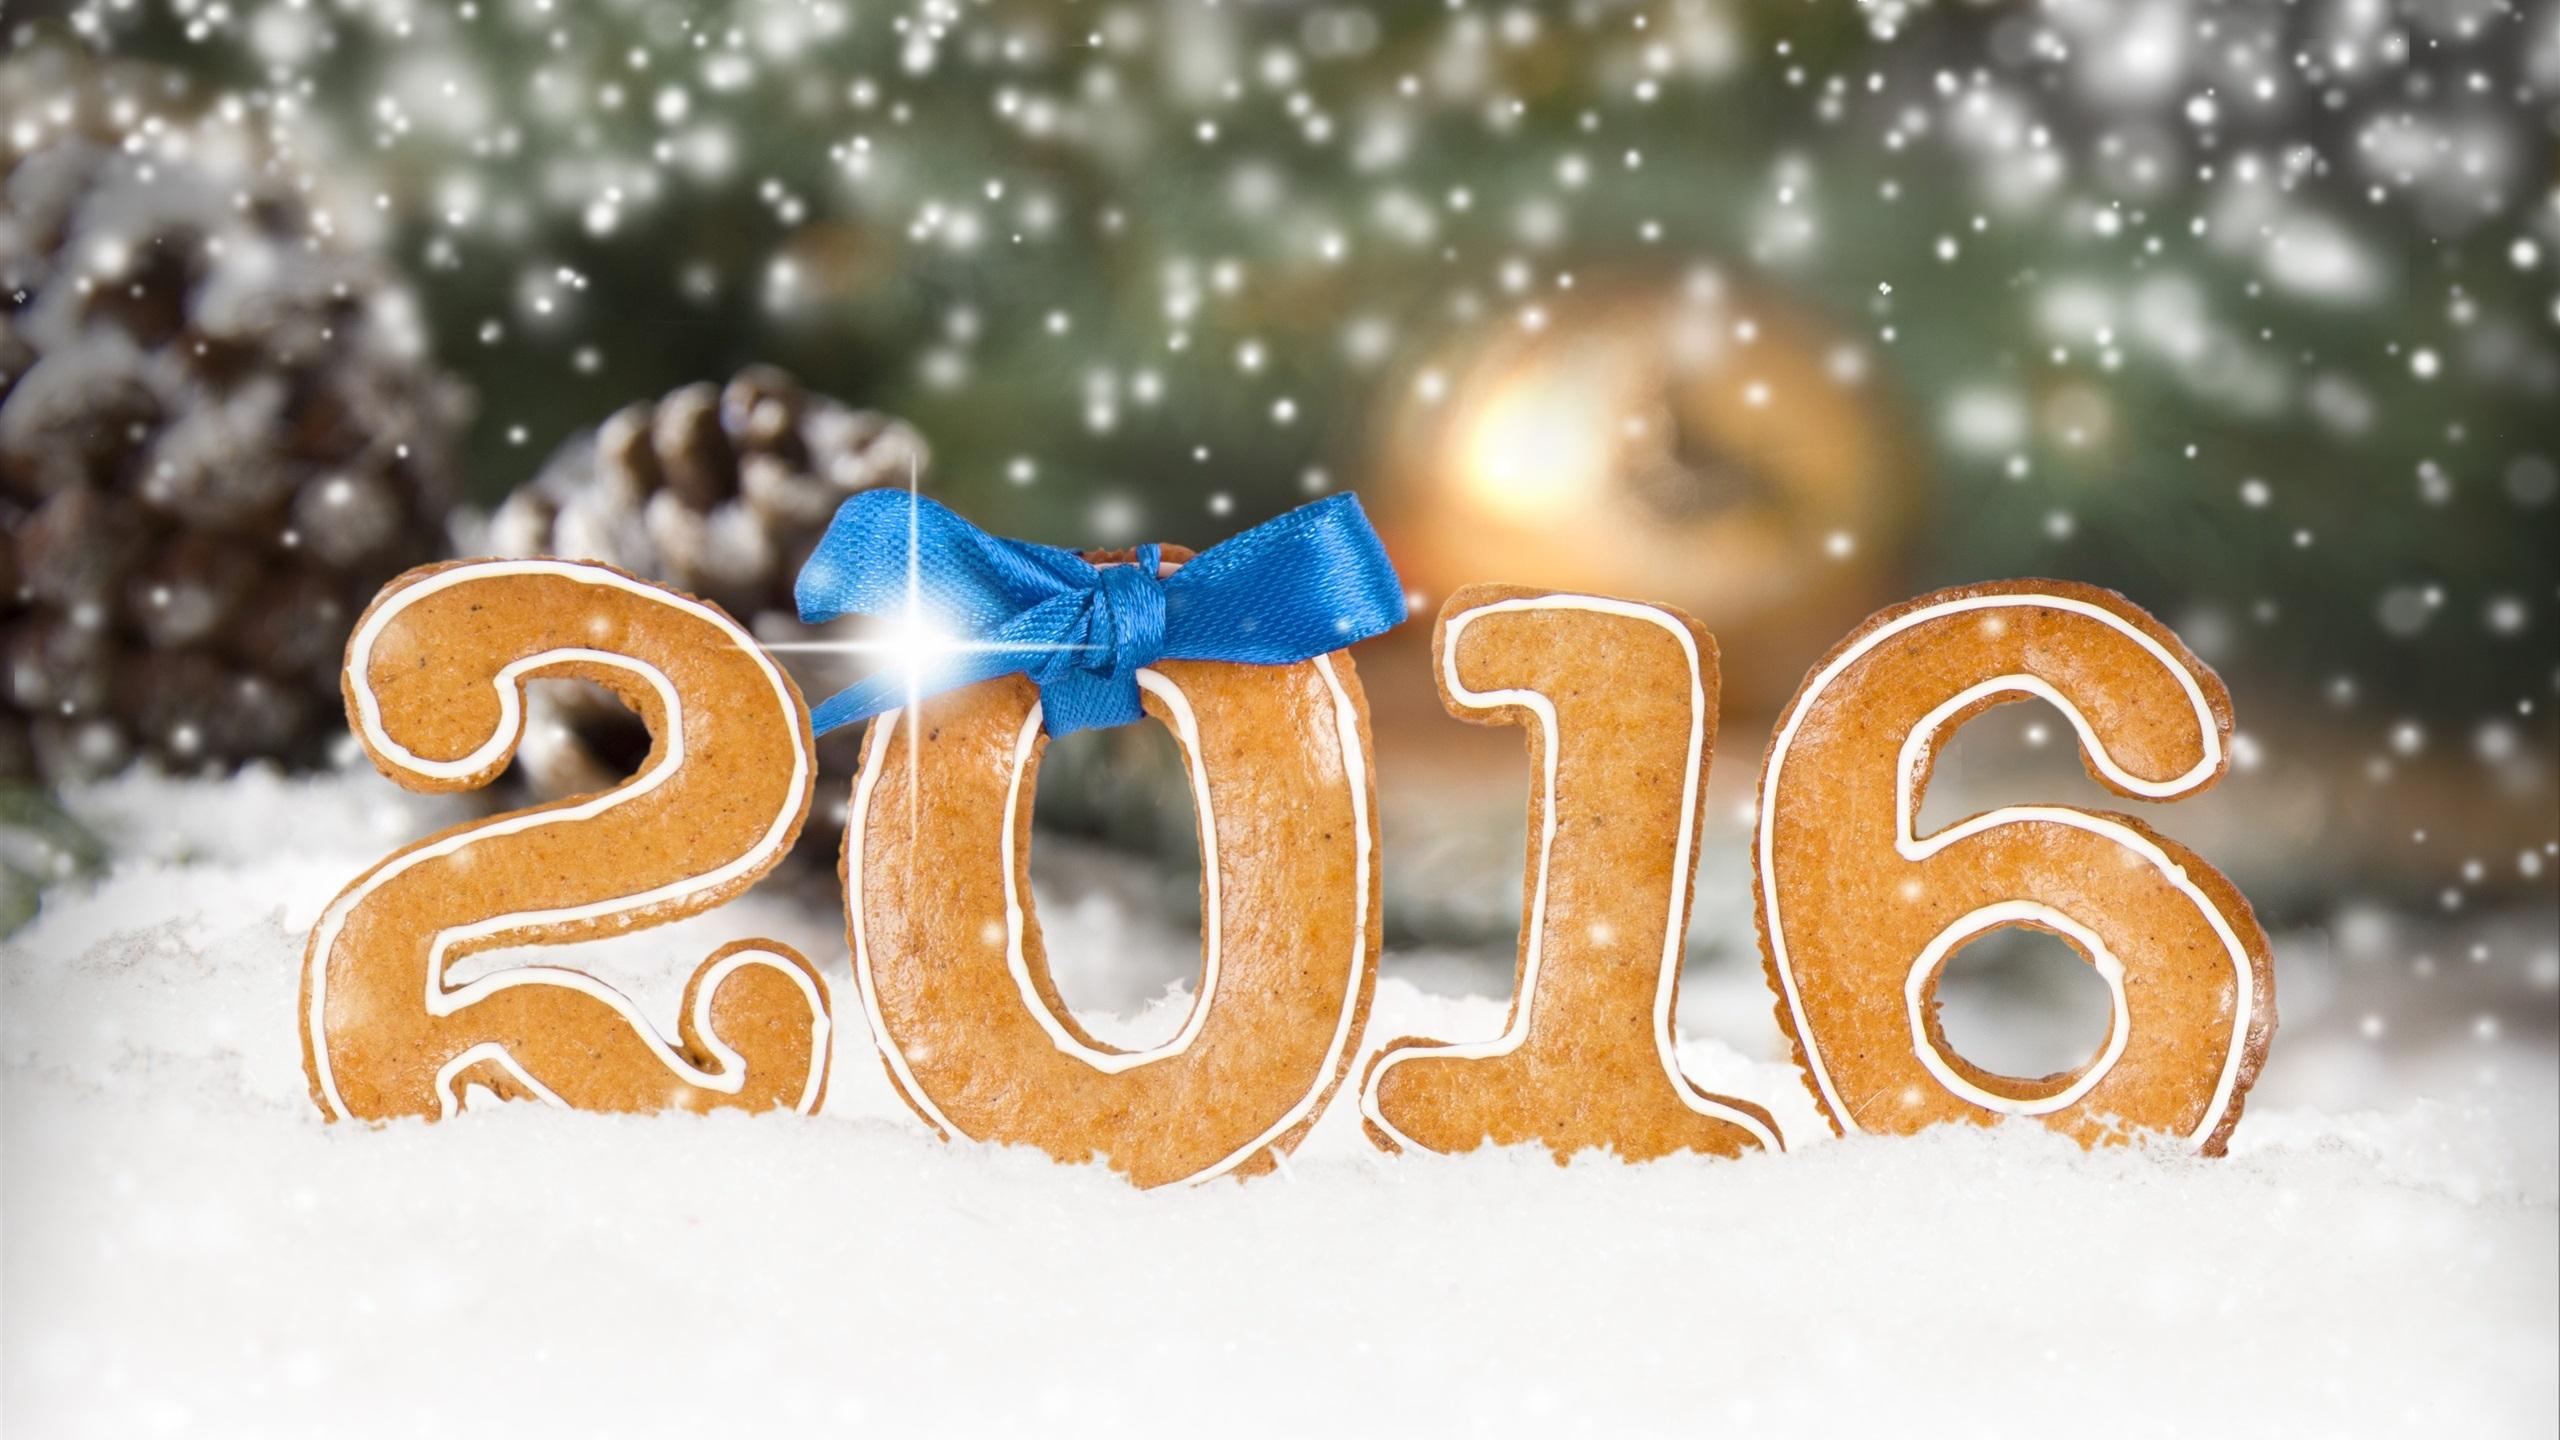 Картинка с надписью всех с новым годом